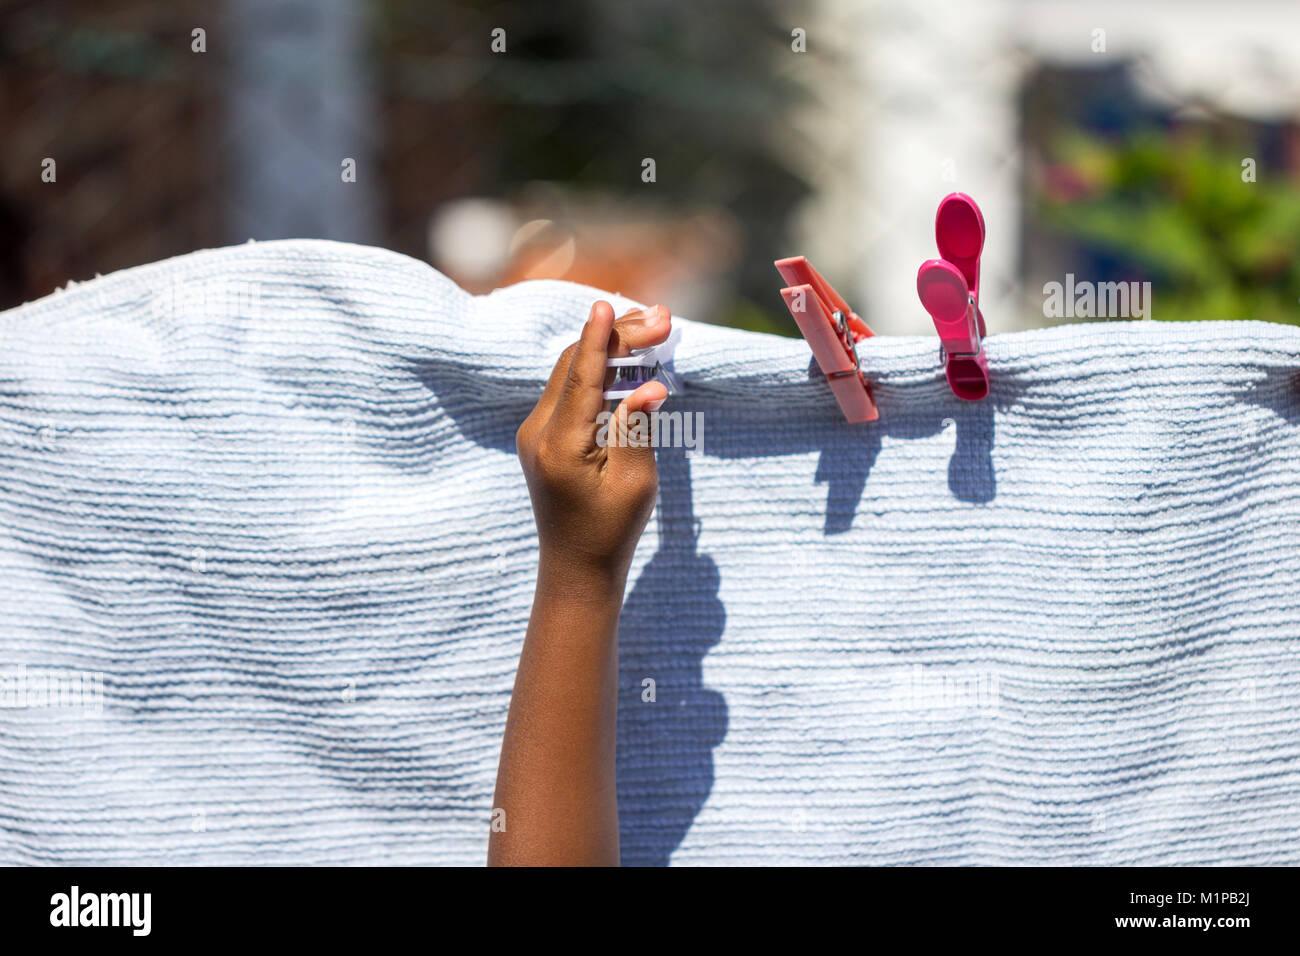 Una Nina Jugando Con Ropa Colgada Y Las Clavijas De Una Lavanderia